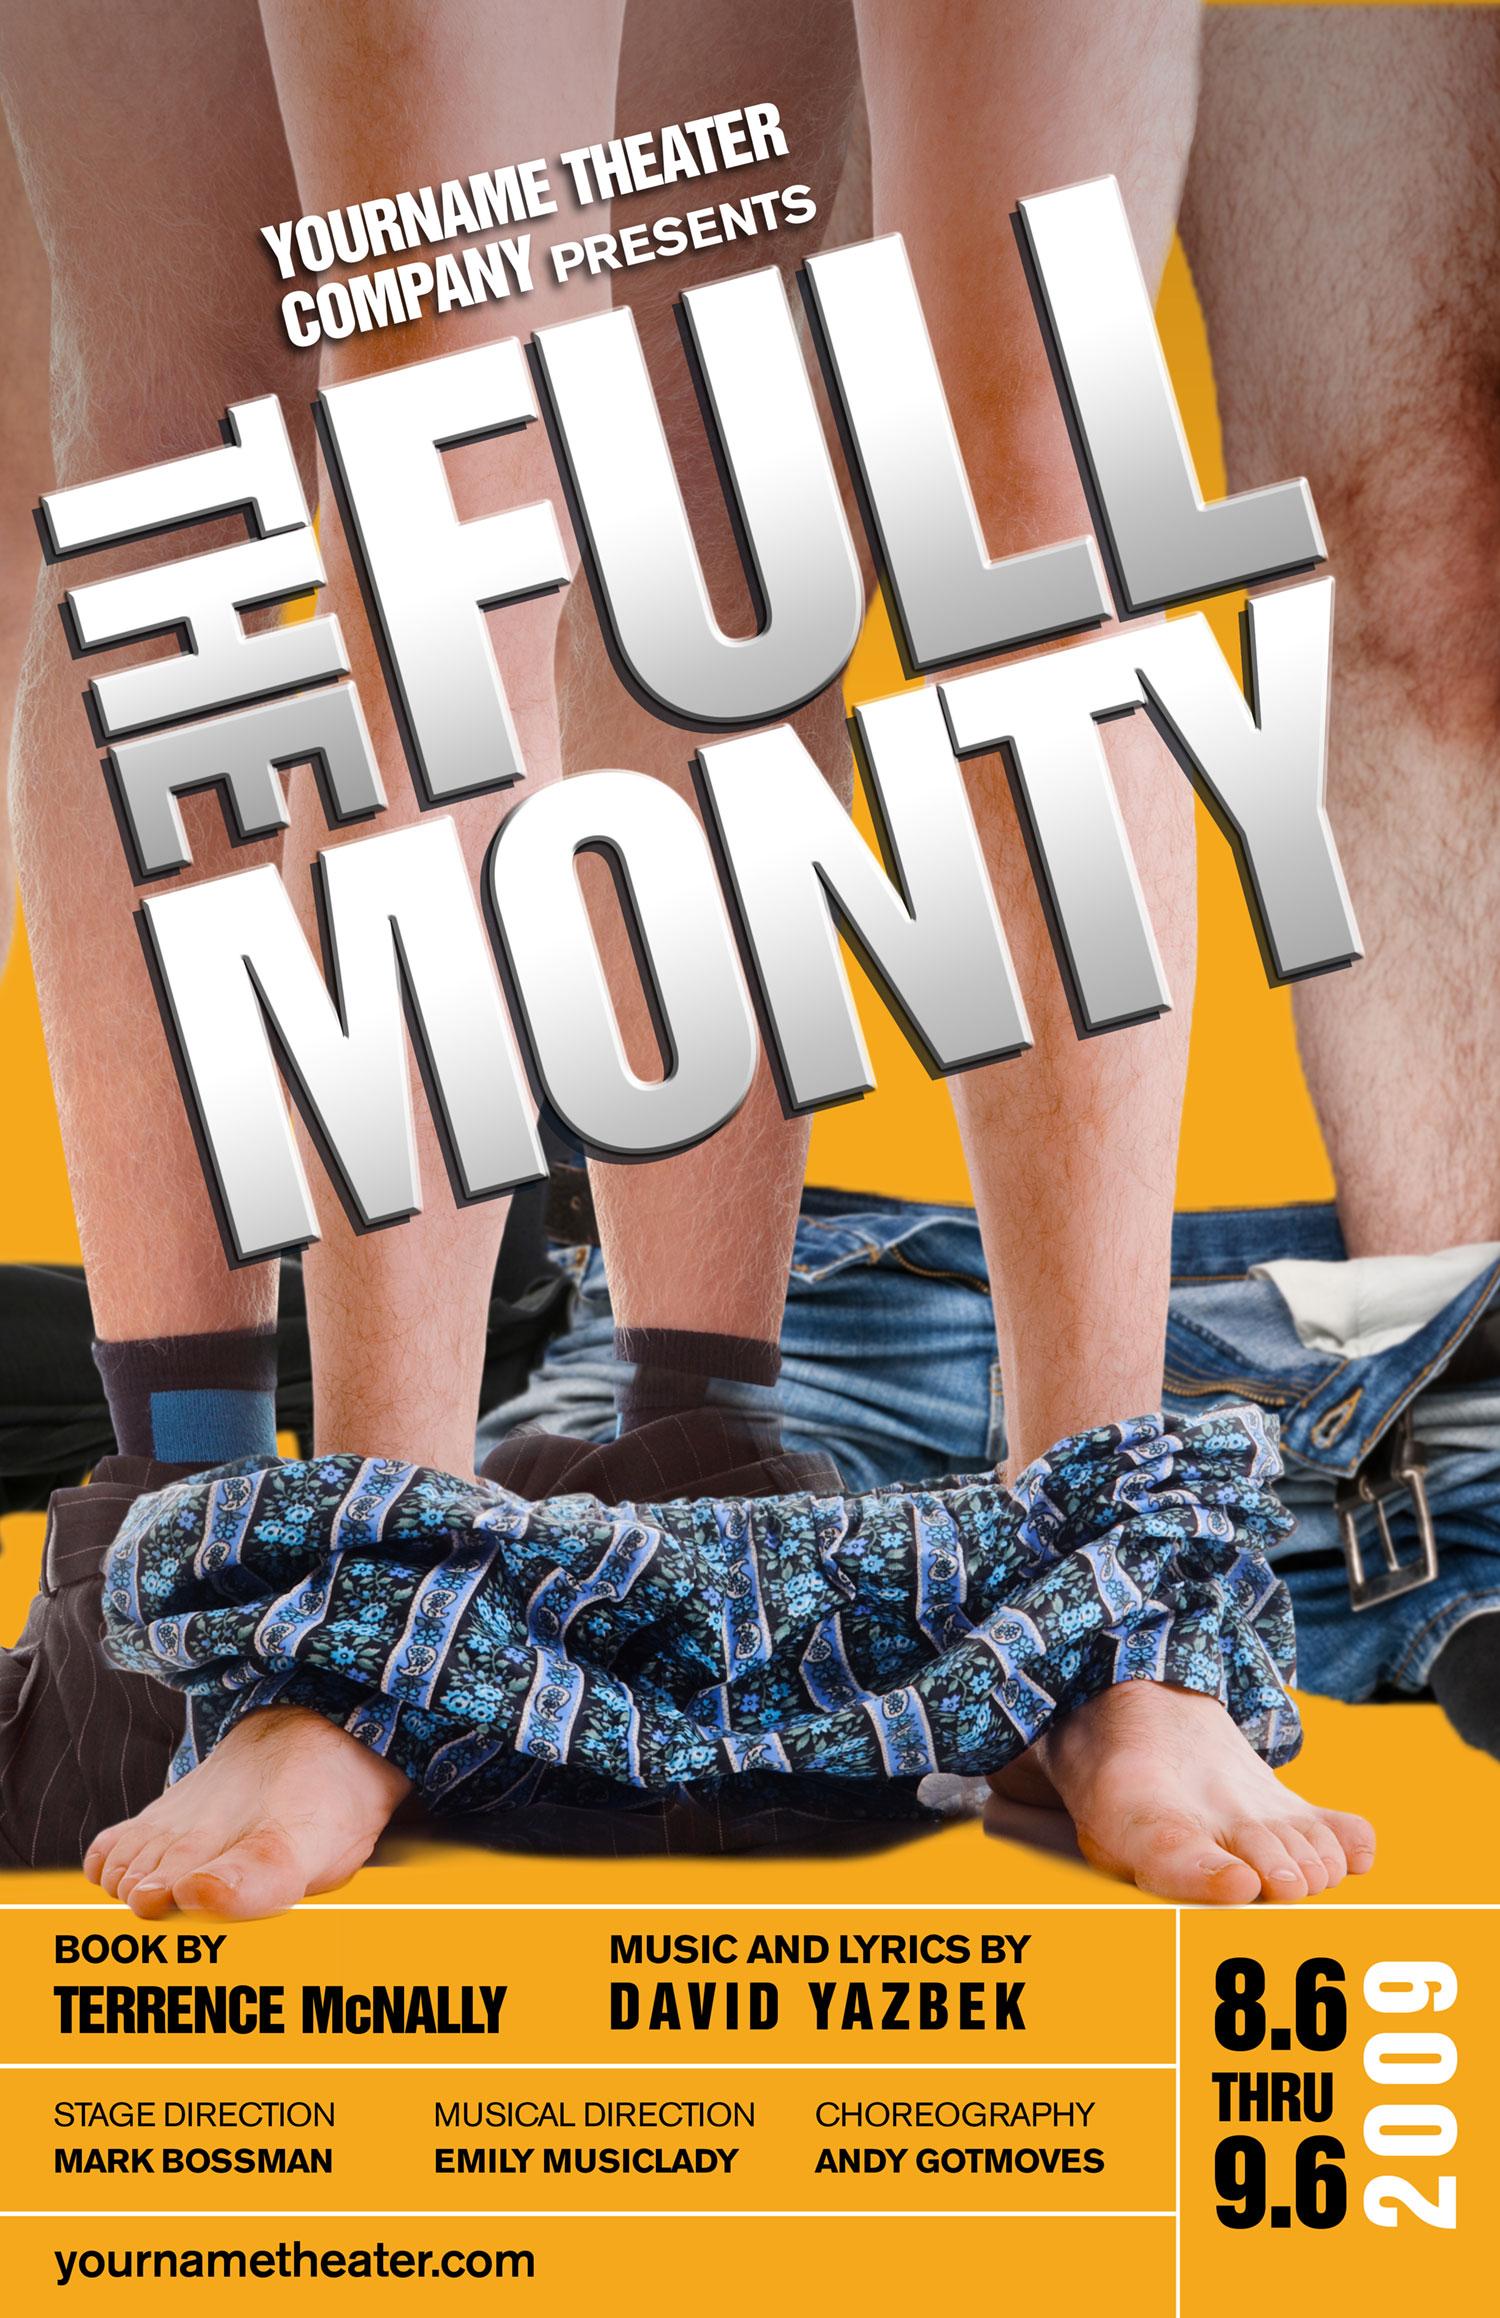 Full-Monty_poster-rd2.jpg